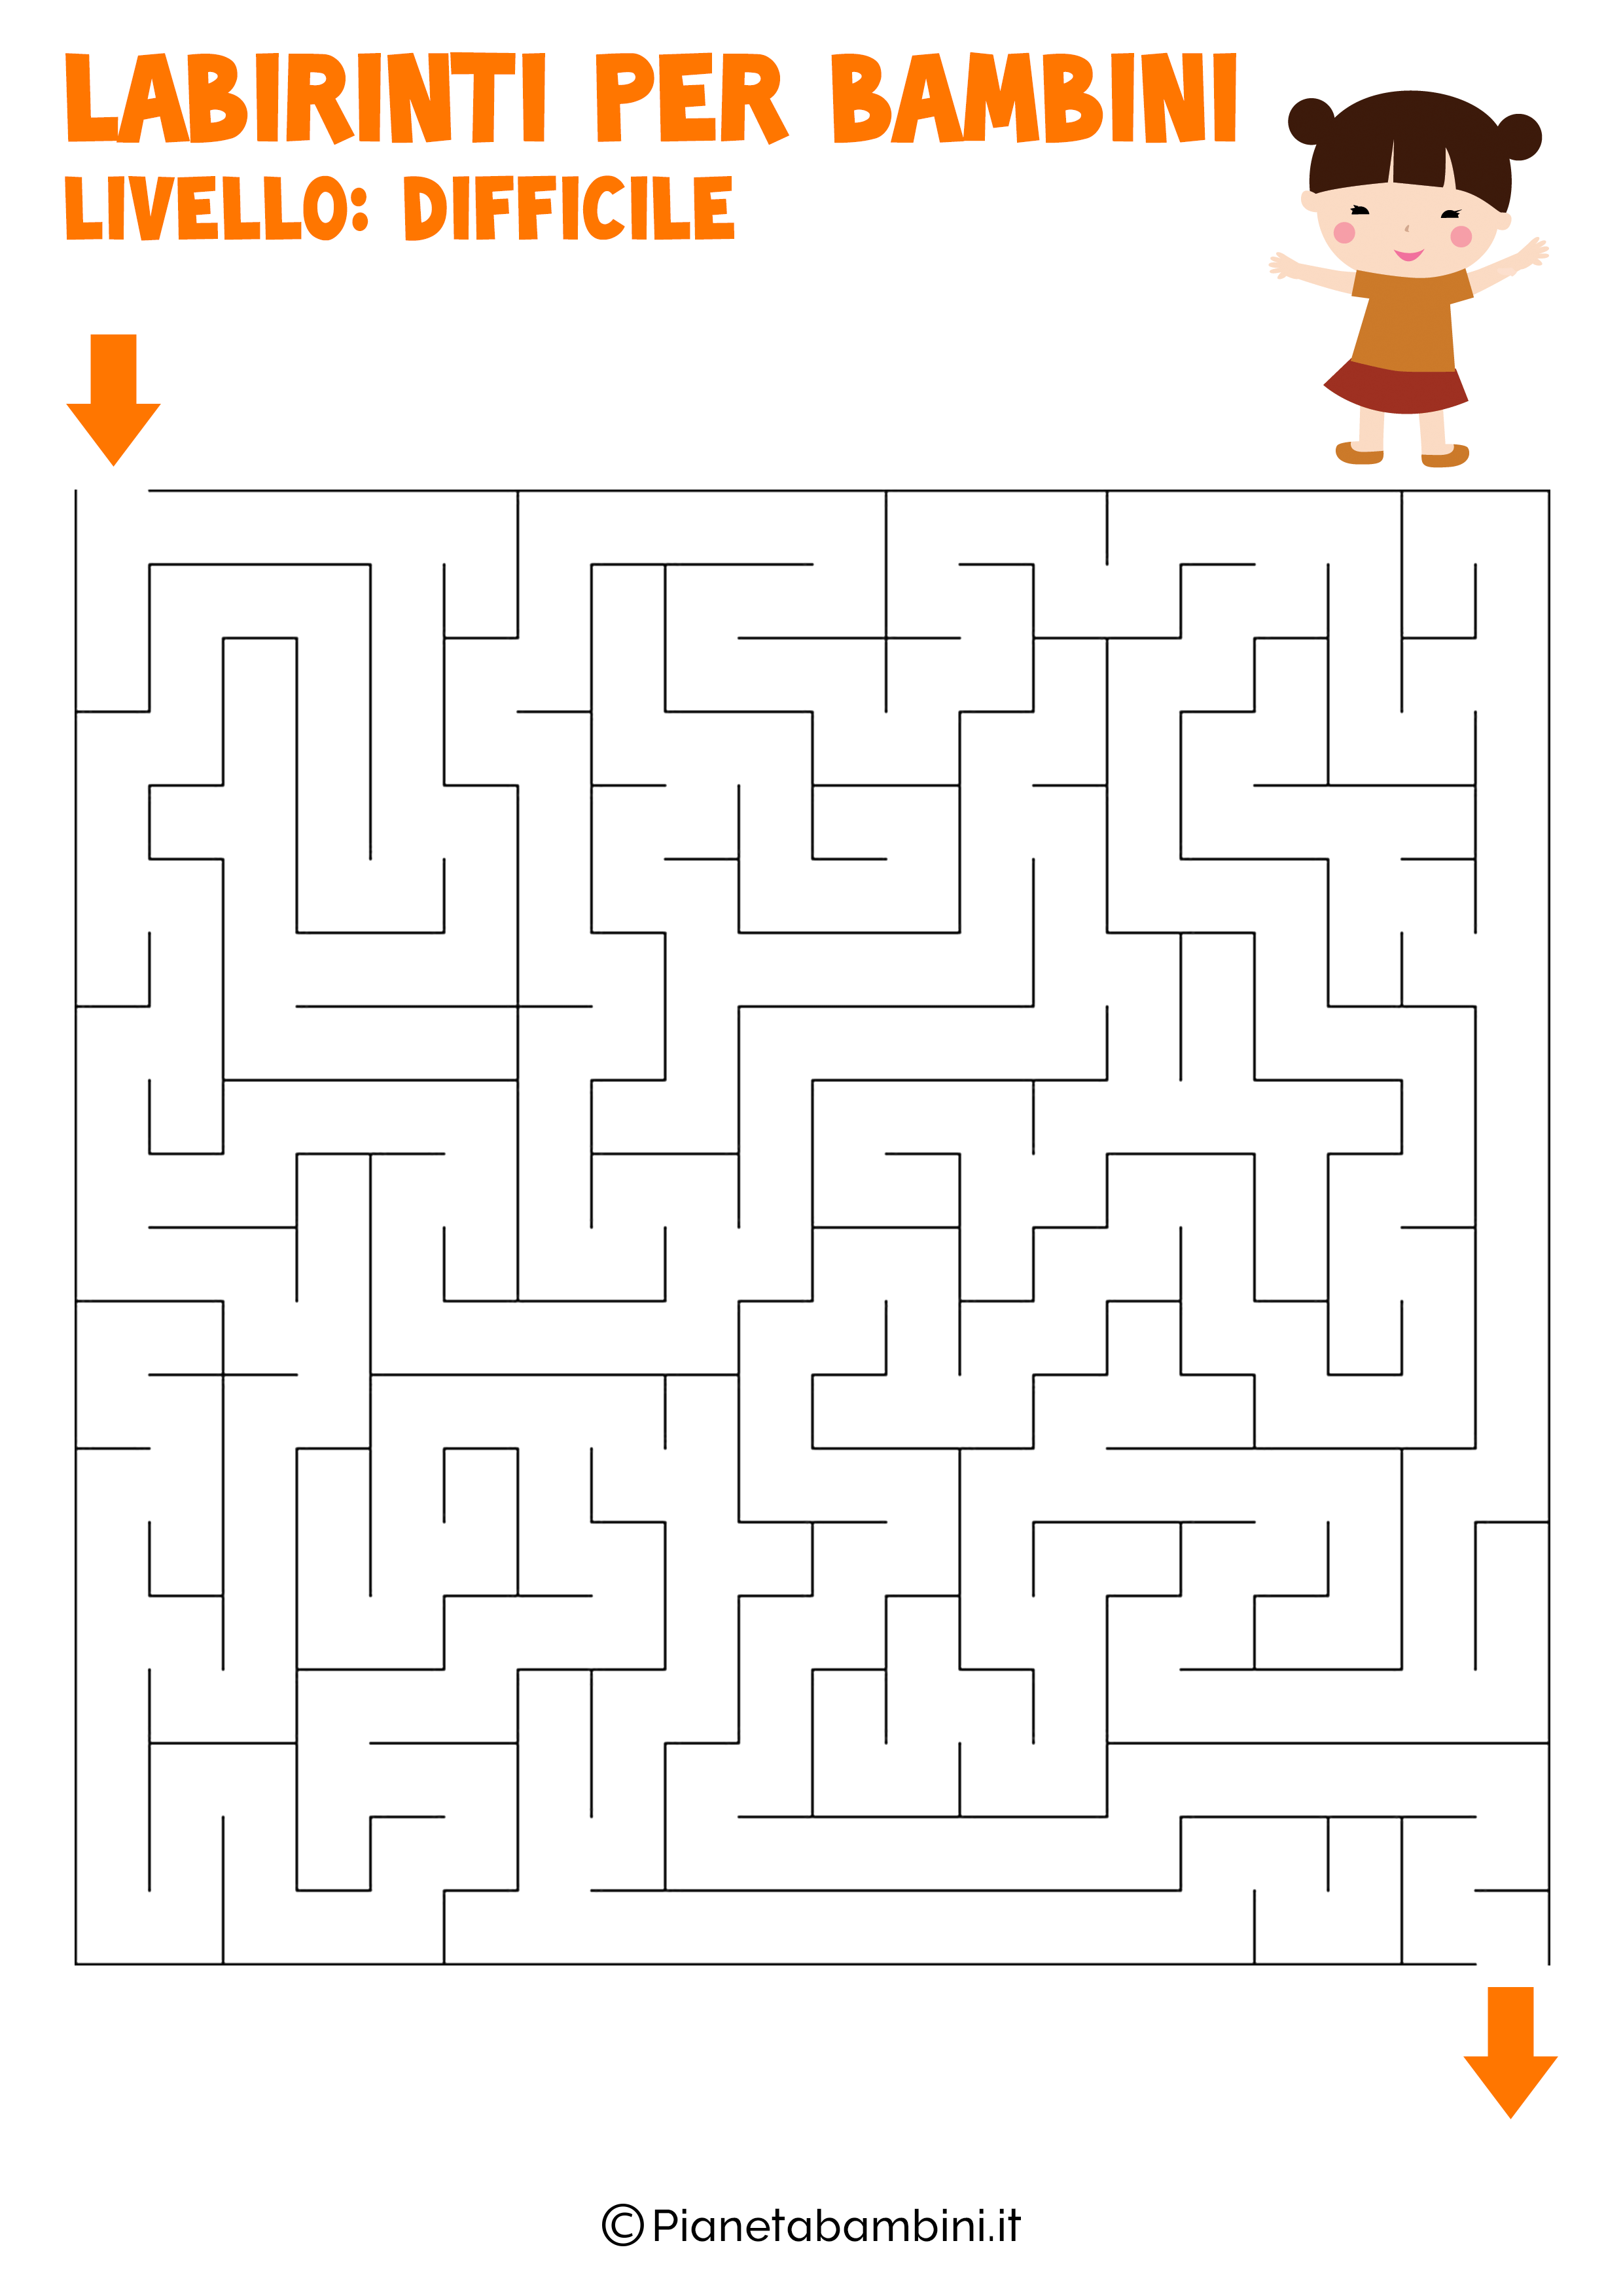 Labirinto difficile per bambini numero 2